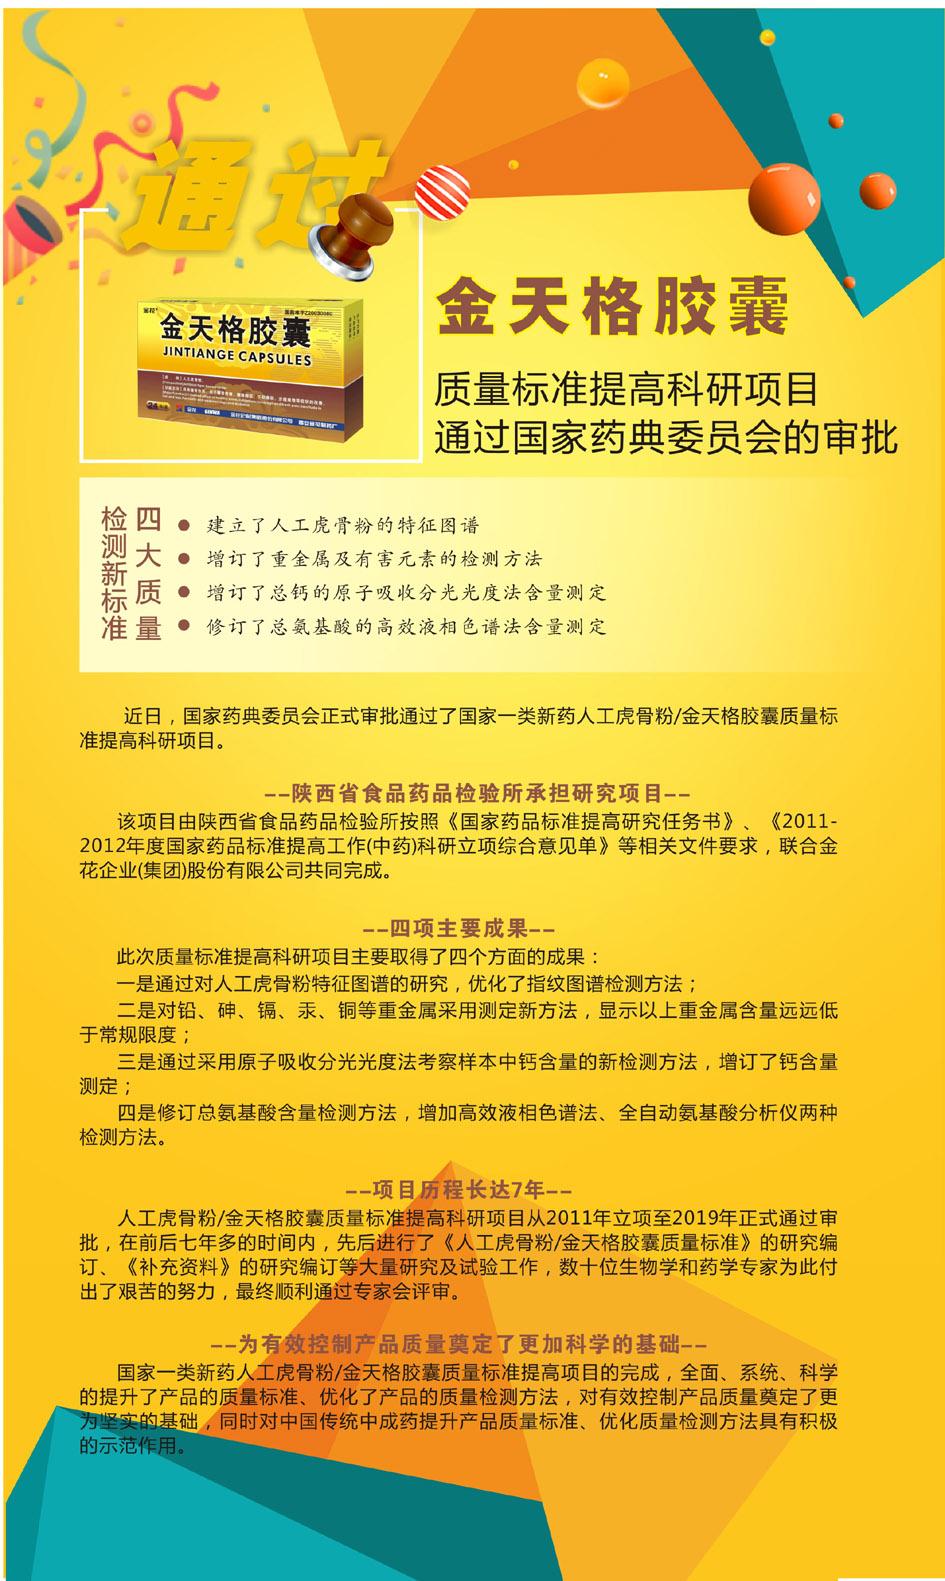 金天格胶囊质量标准提高科研项目通过国家药典委员会的审批